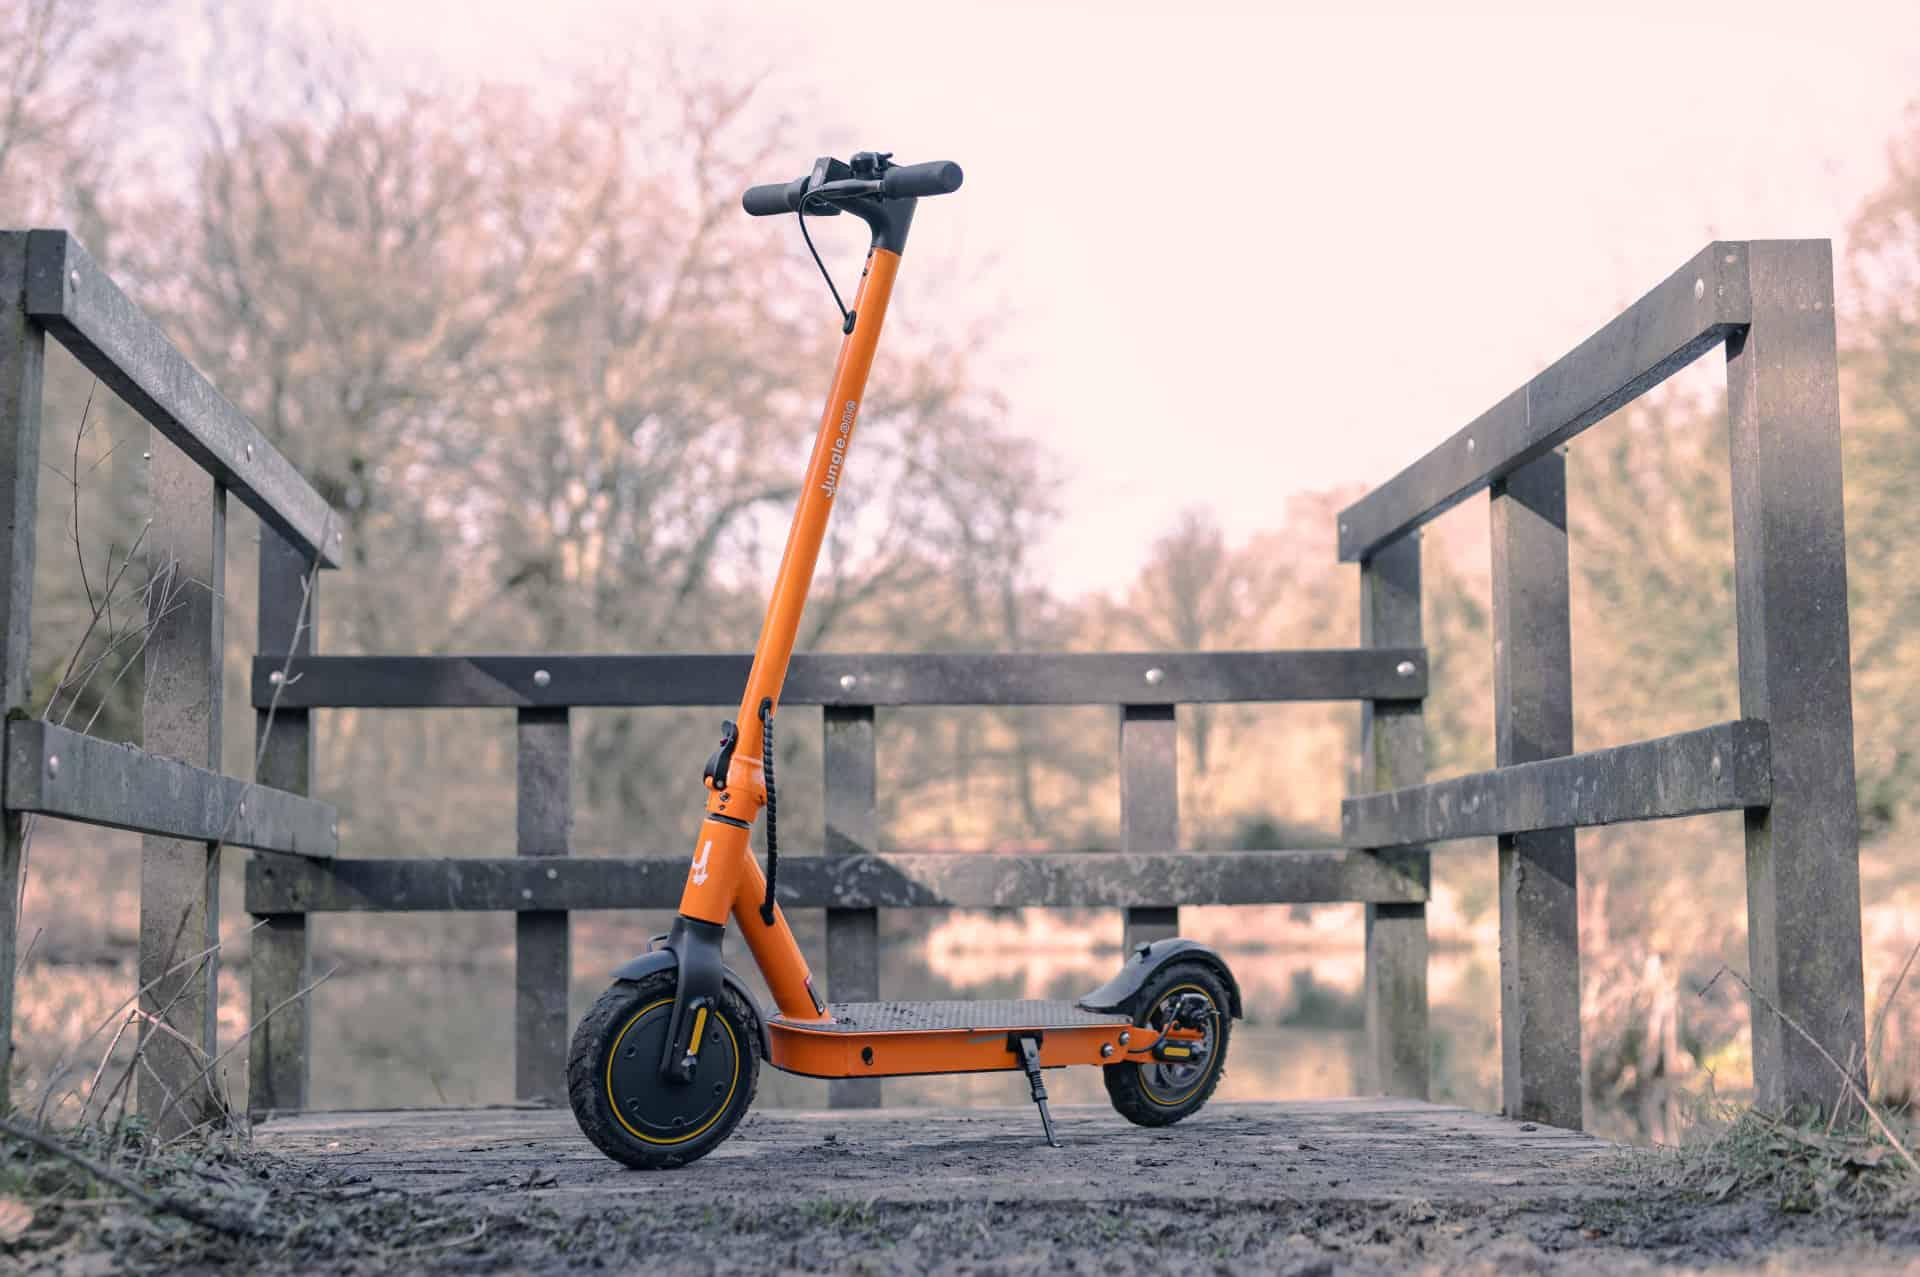 electric-jungle-orange-scooter-park